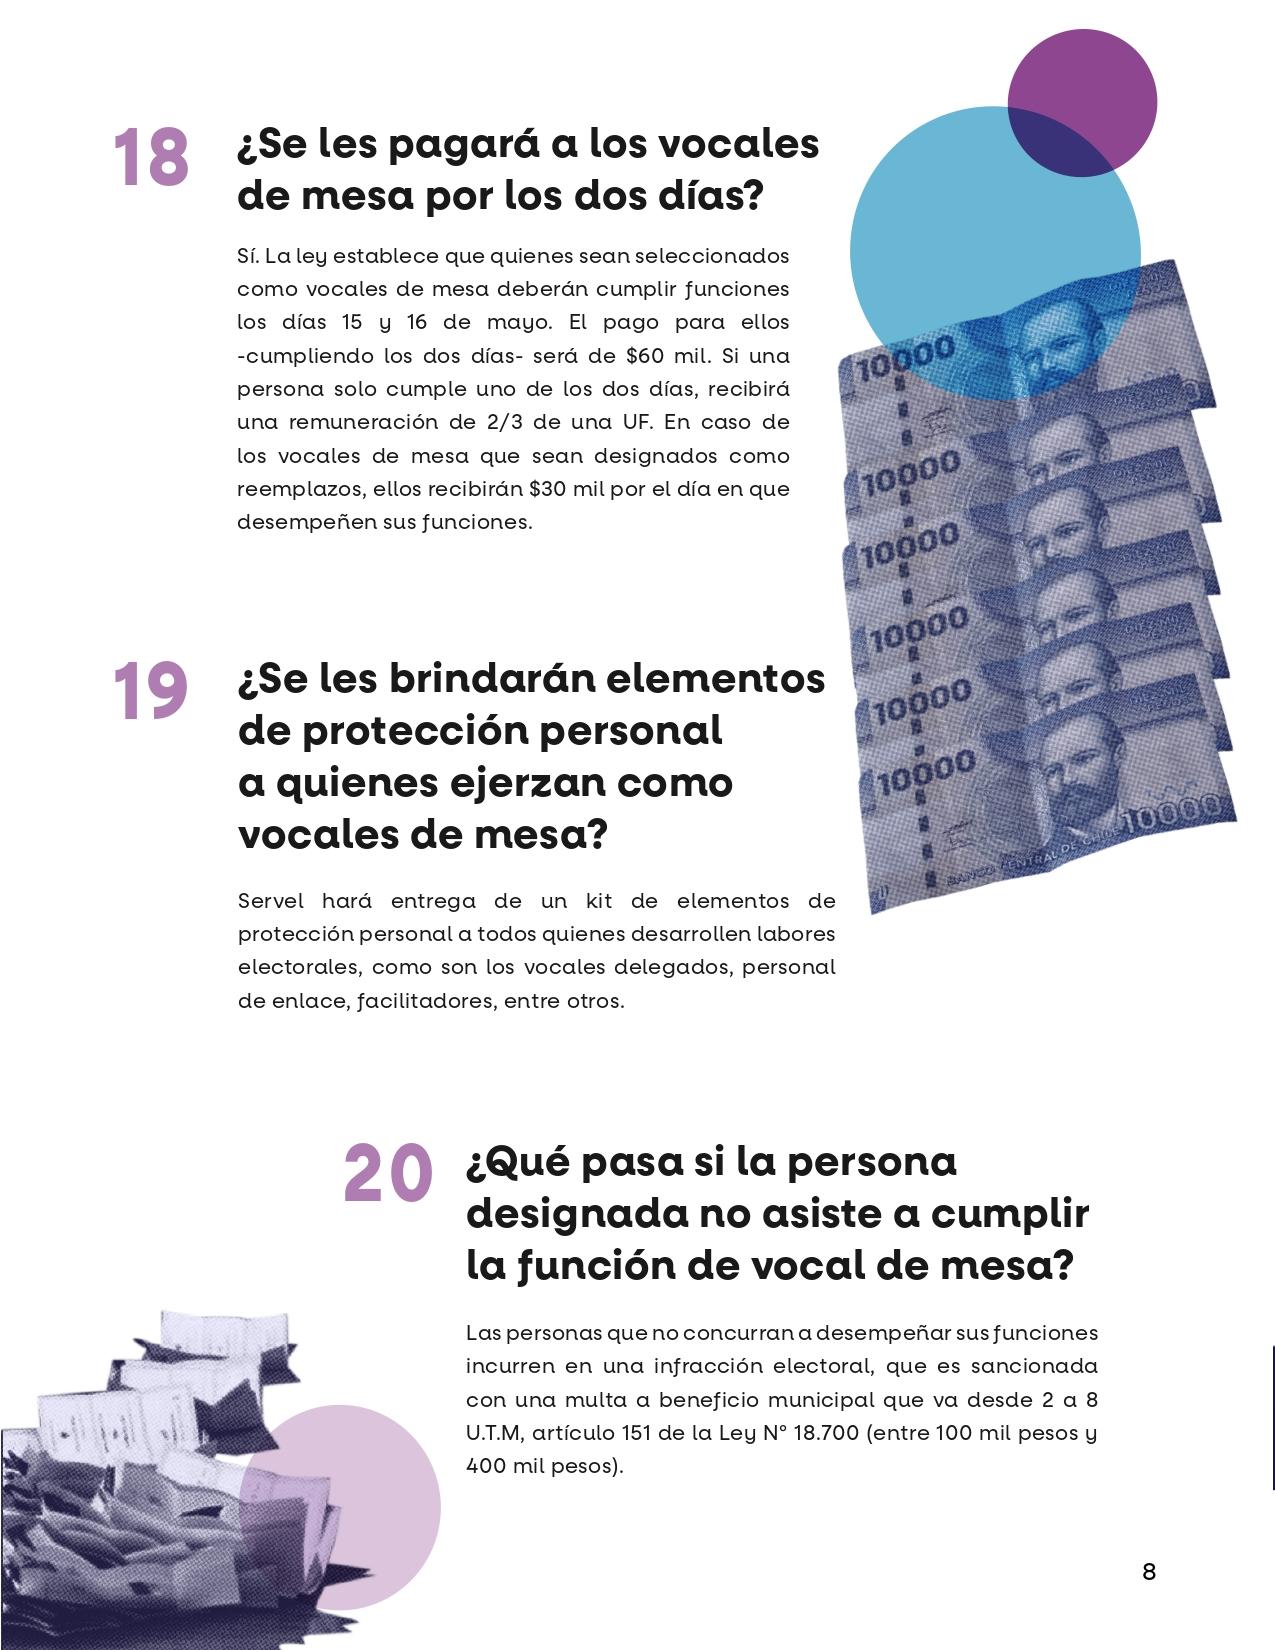 210506 Guía elección 15 y 16 mayo v3_page-0008